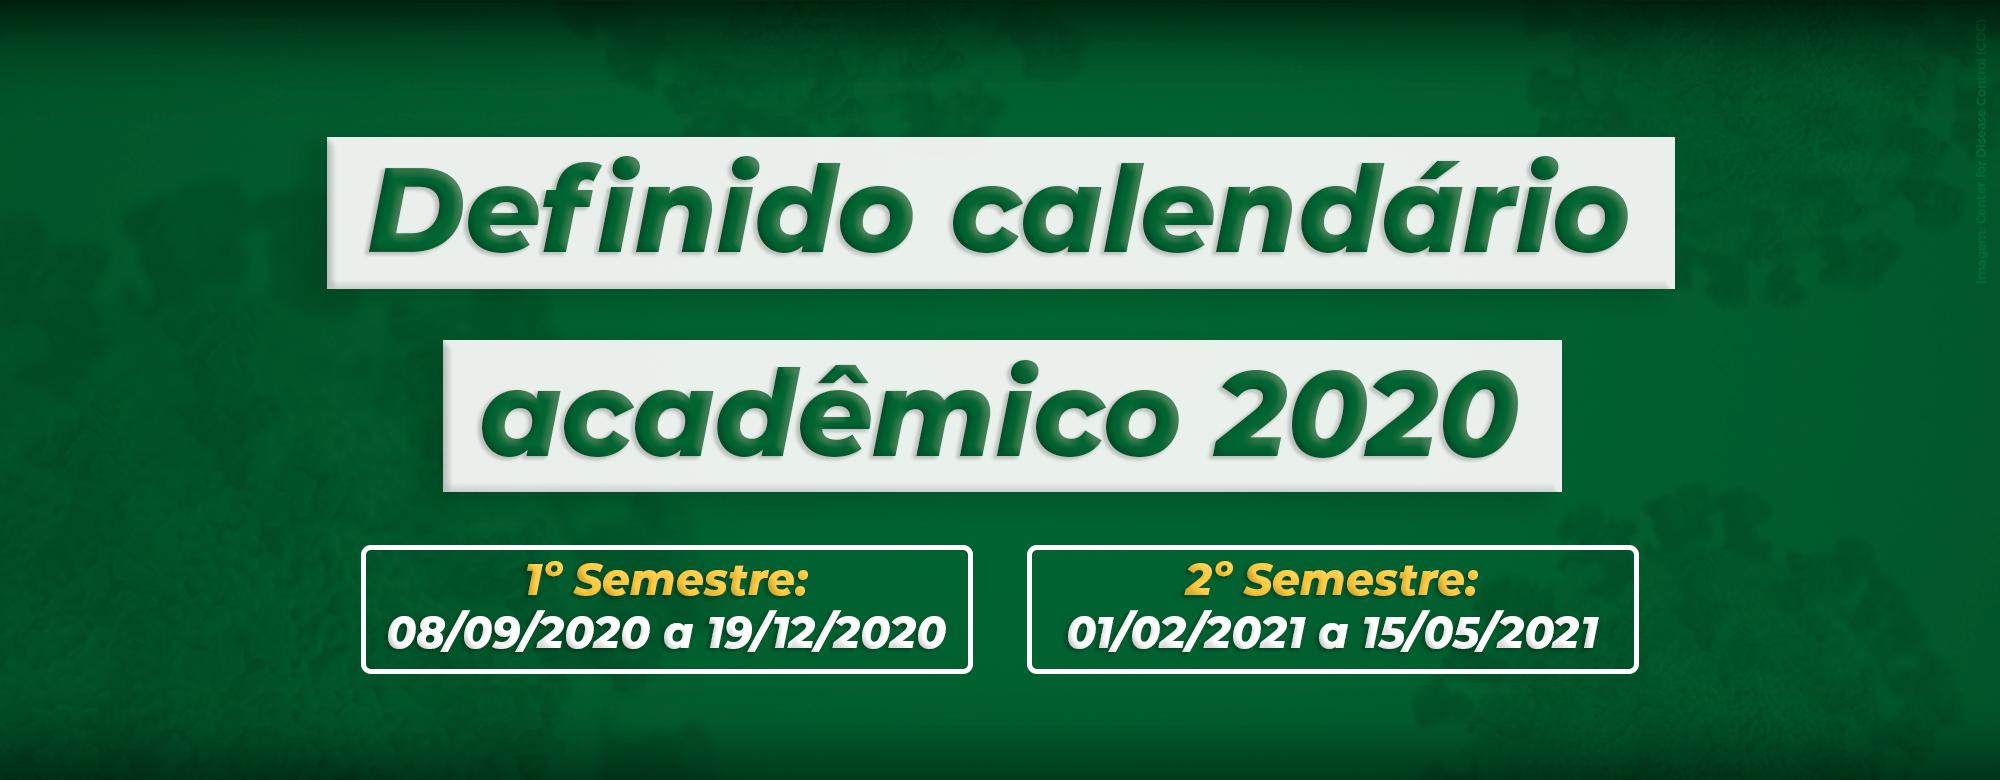 O primeiro semestre de 2020 incia em 8 de setembro e termina em 19 de dezembro